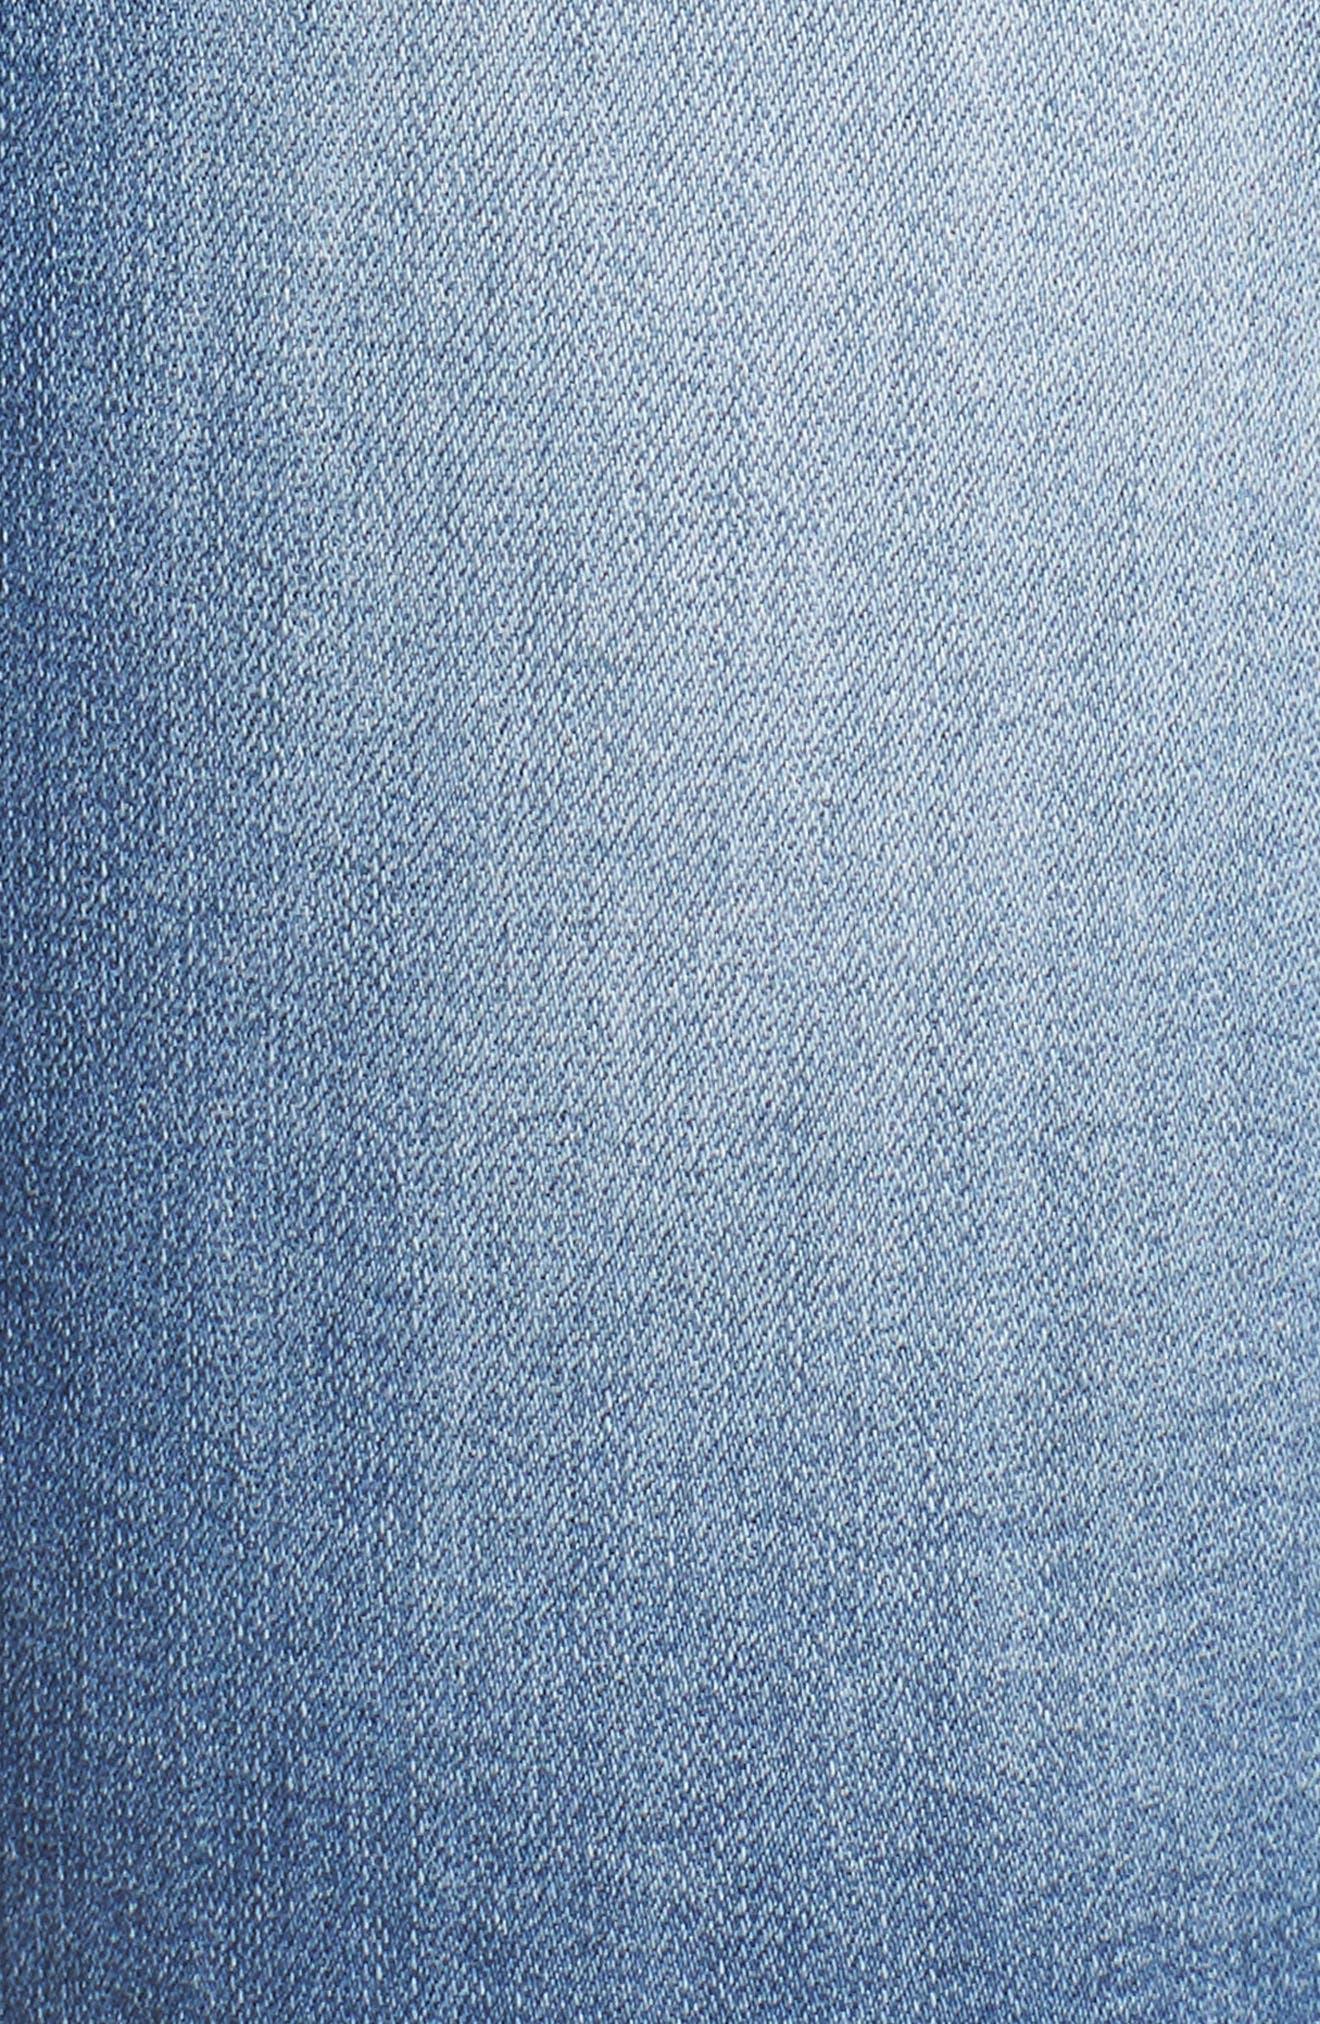 Flex-Ellent High Rise Denim Shorts,                             Alternate thumbnail 5, color,                             Light Blue